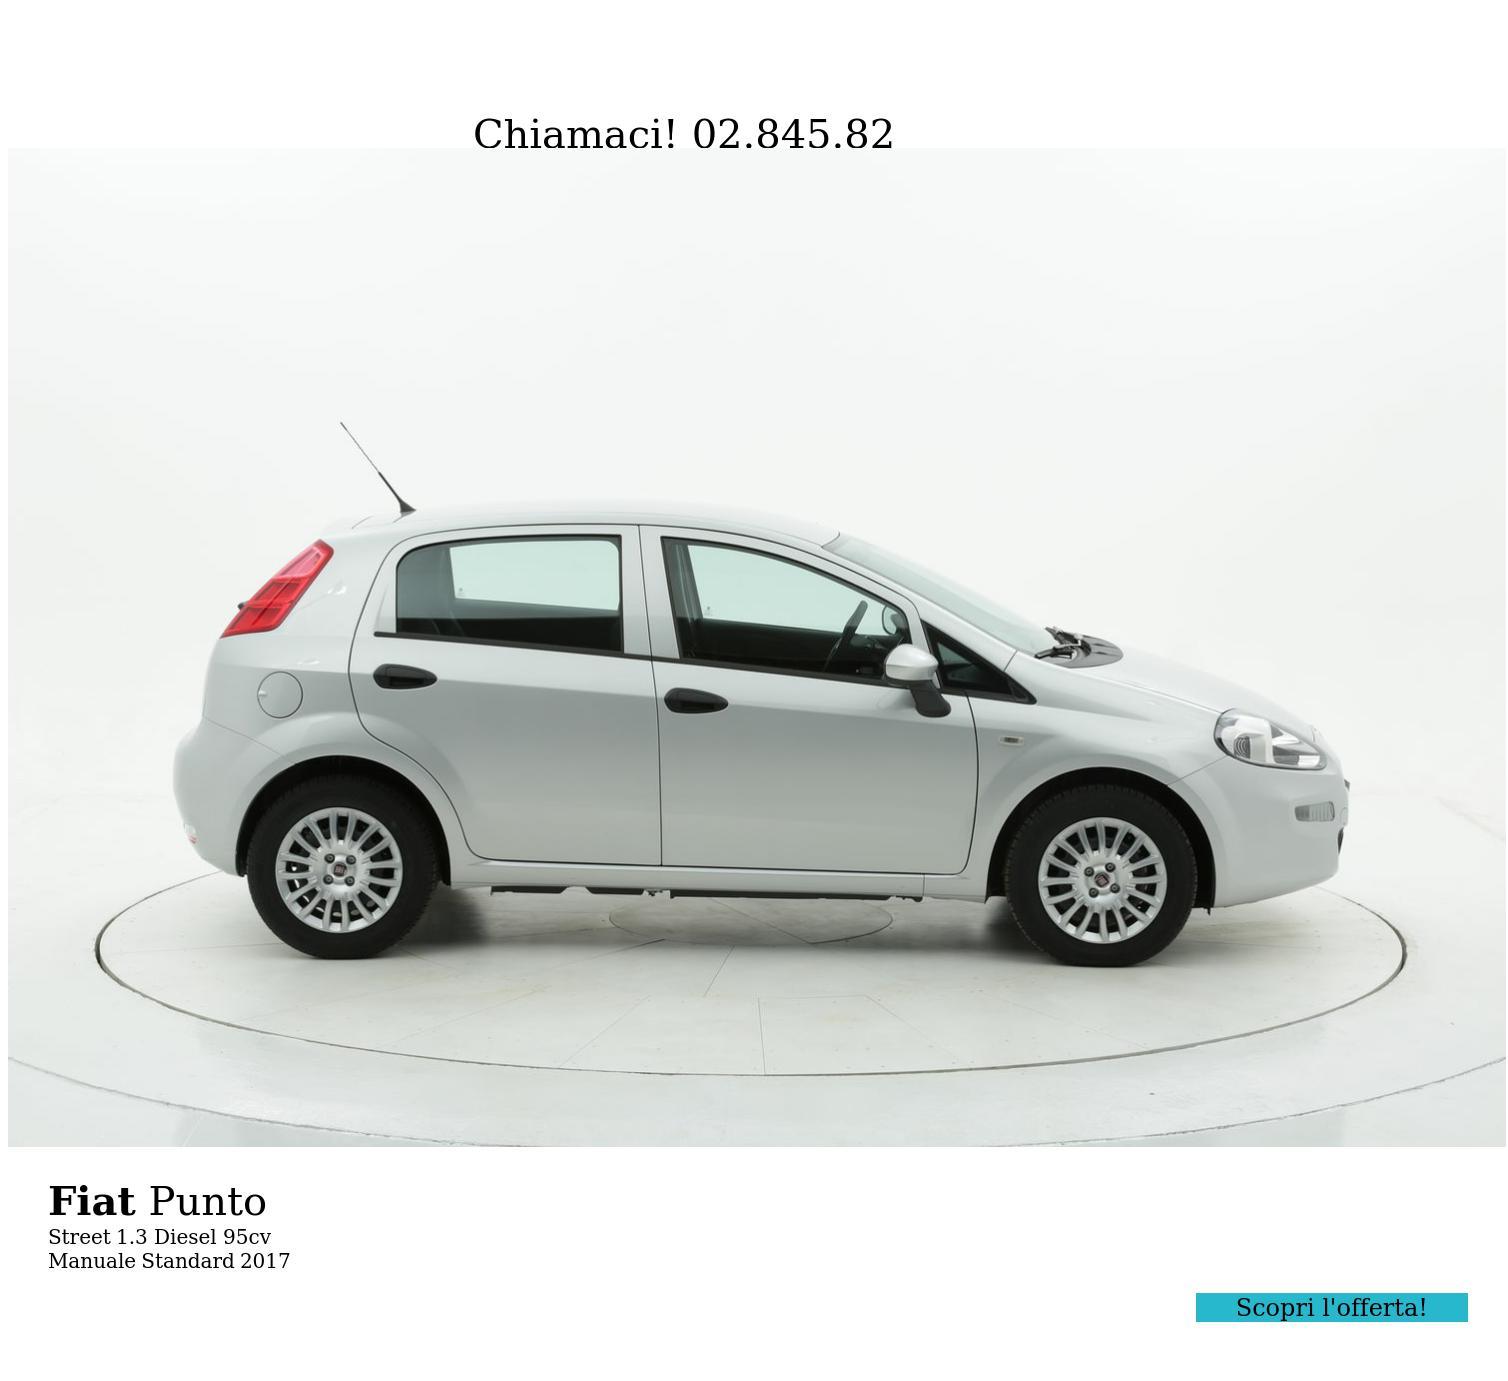 Fiat Punto Street km 0 diesel argento | brumbrum